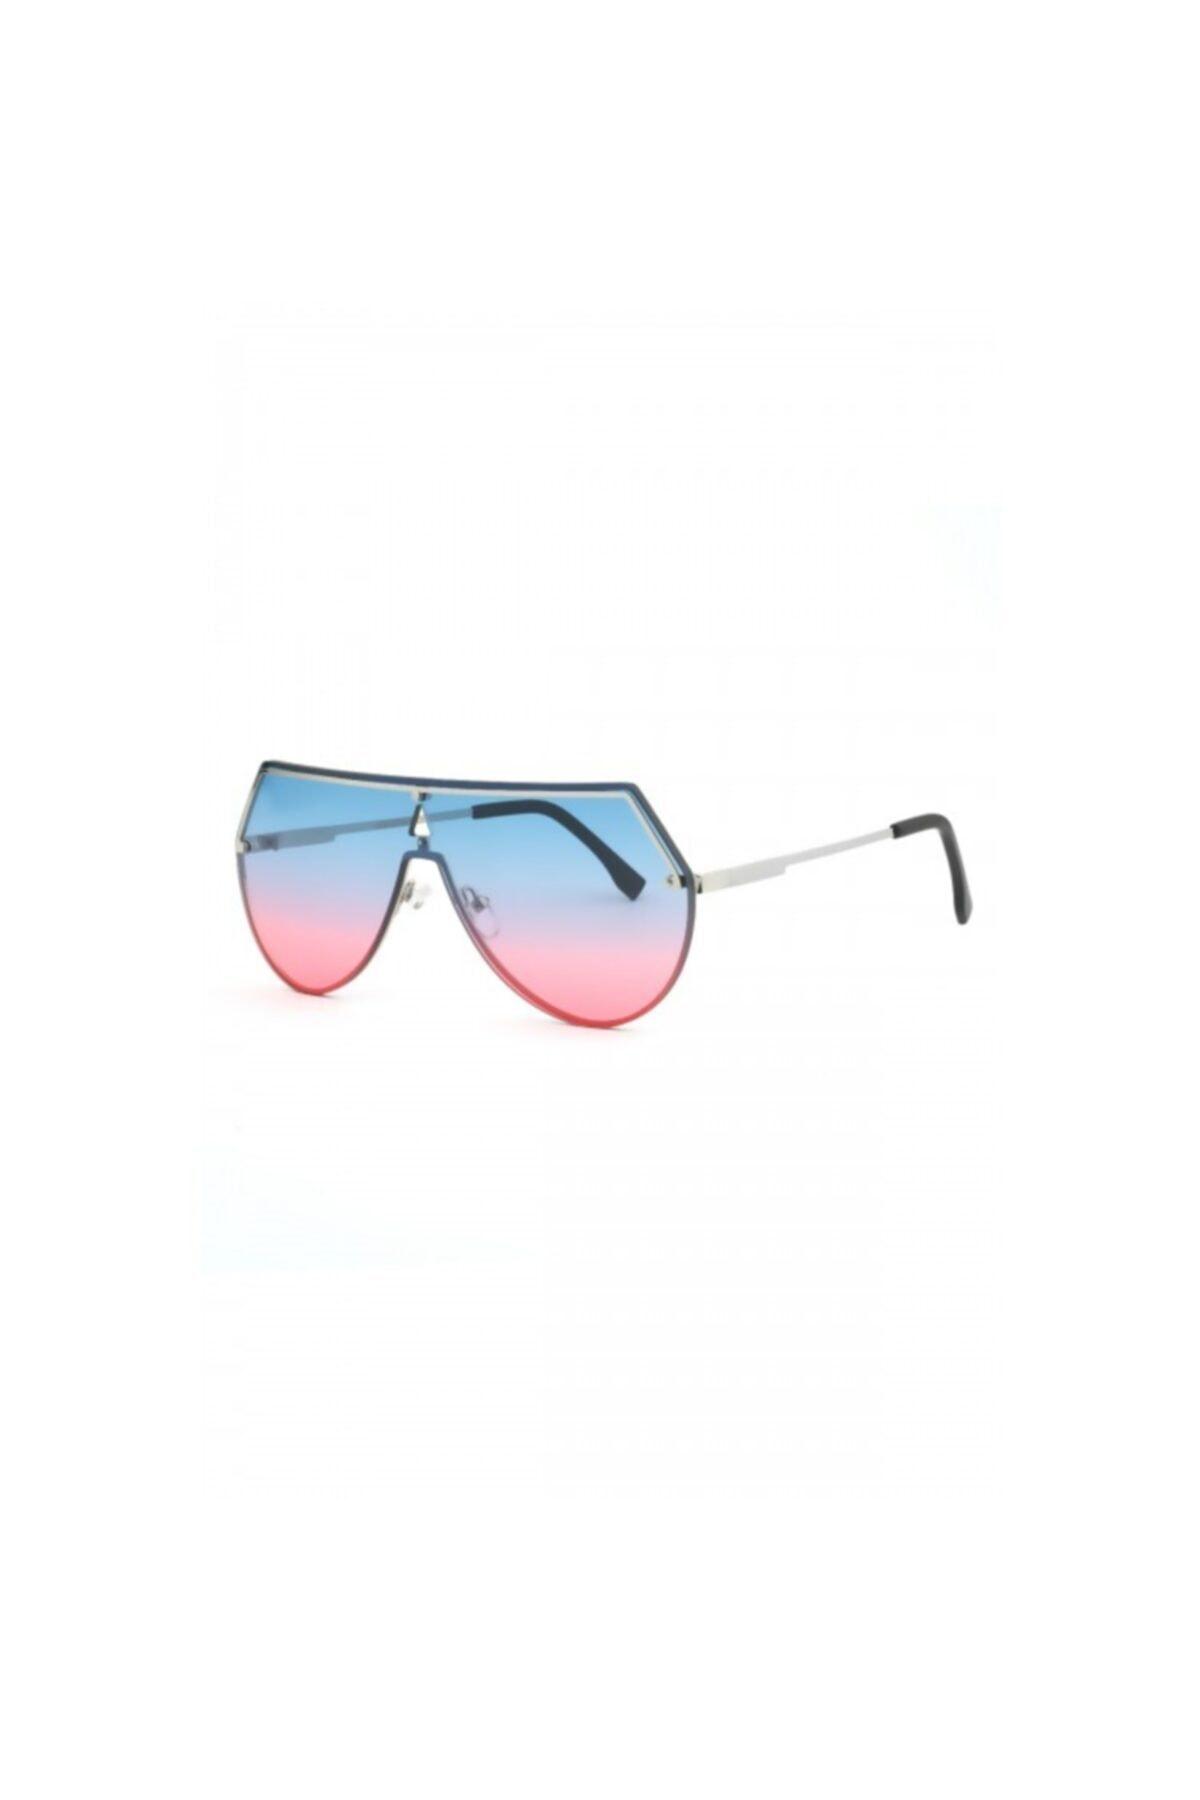 سفارش اینترنتی عینک آفتابی فانتزی برند Almera رنگ صورتی ty40771702